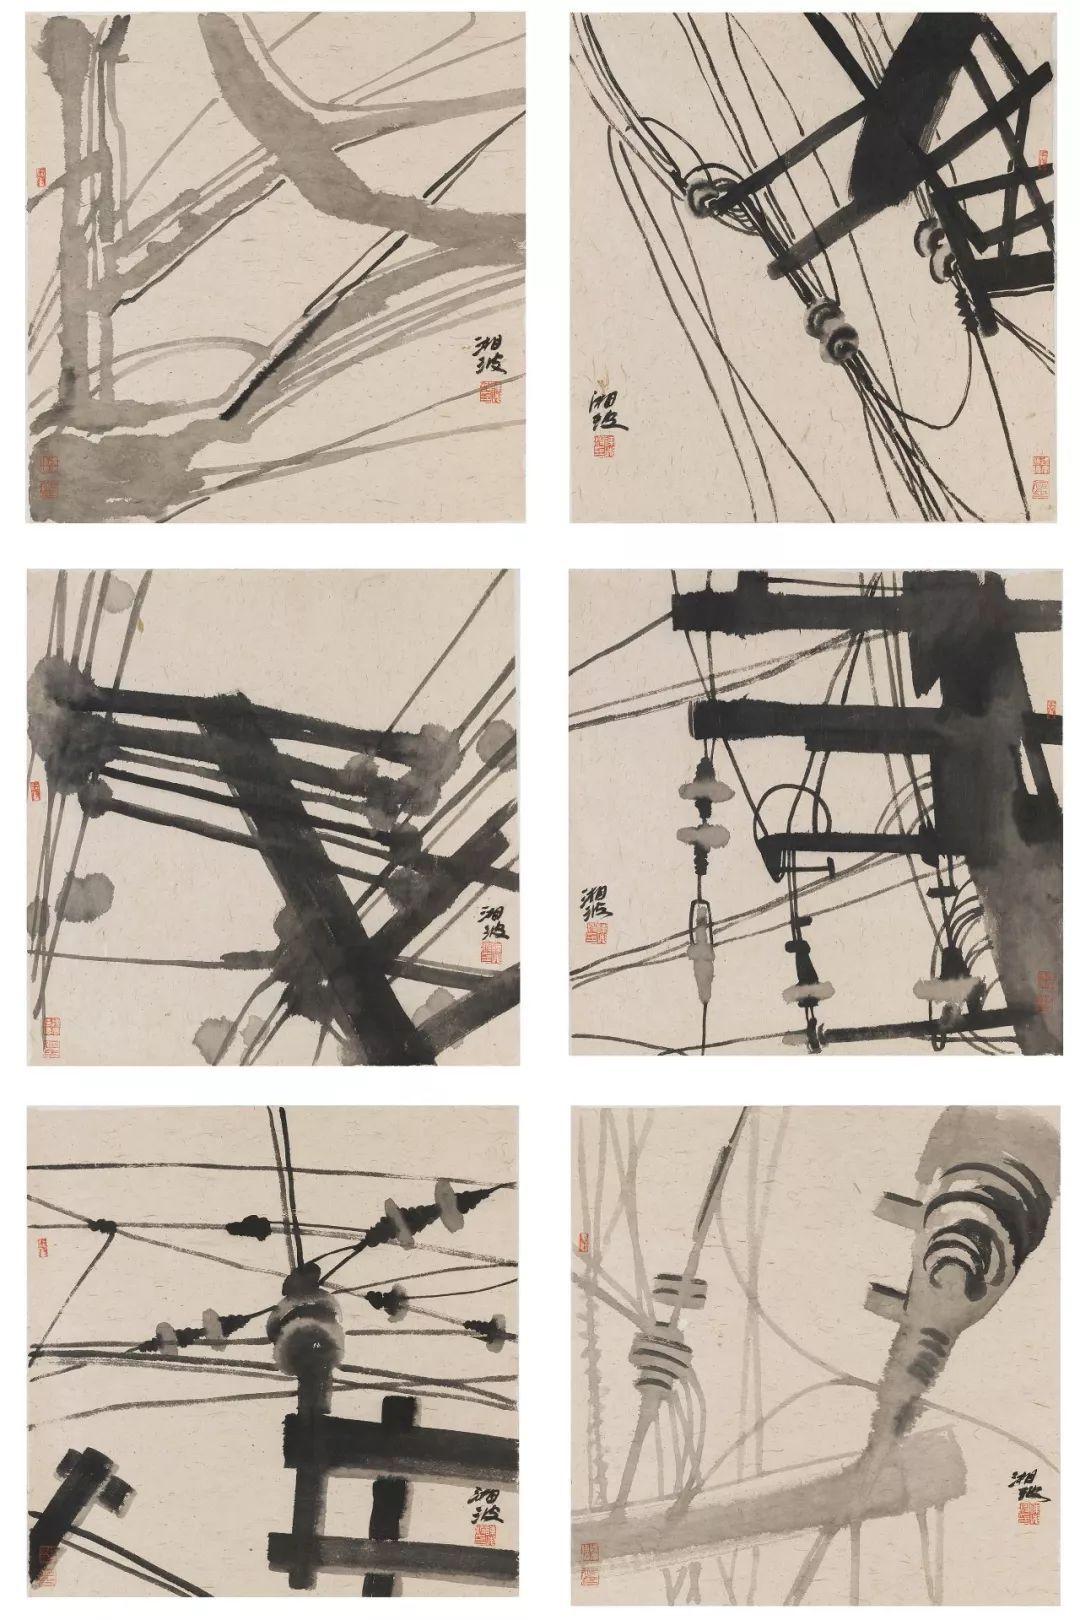 69_陈湘波 《工业时代·网》 69.5×69.5cm×6 纸本水墨 2015年